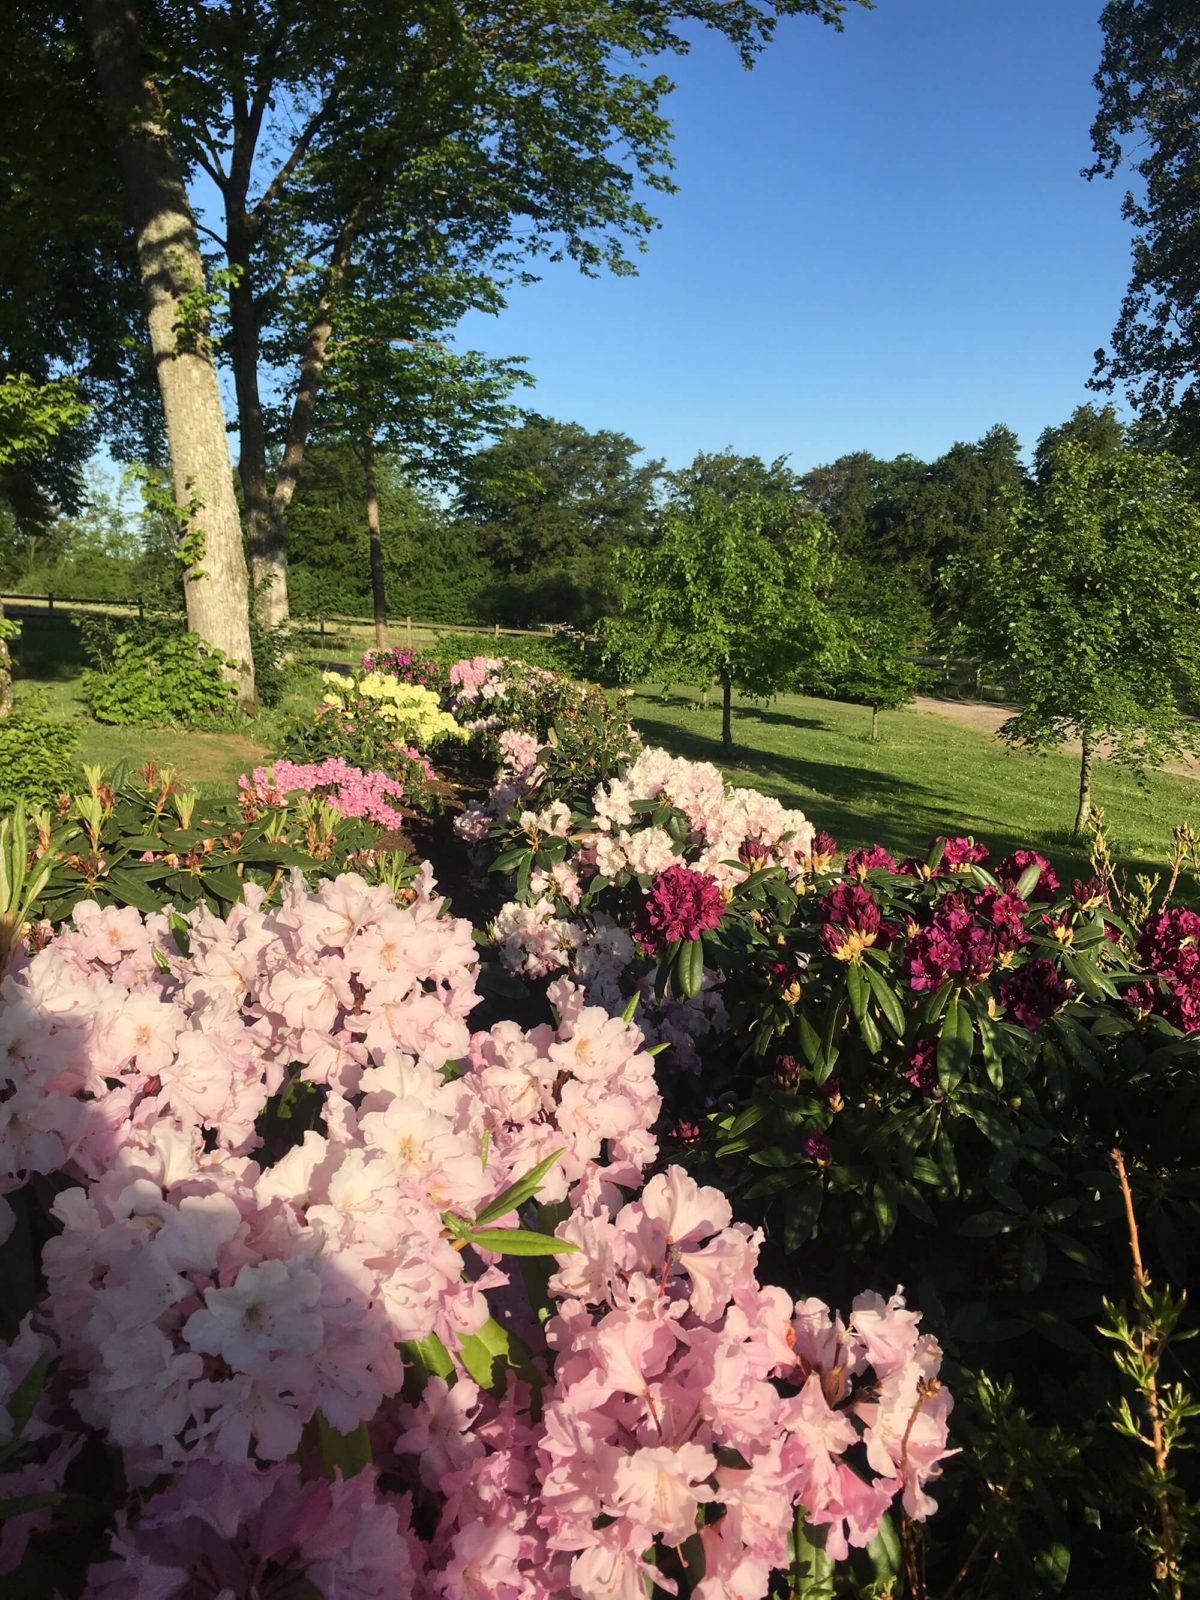 Blommor och träd i trädgården